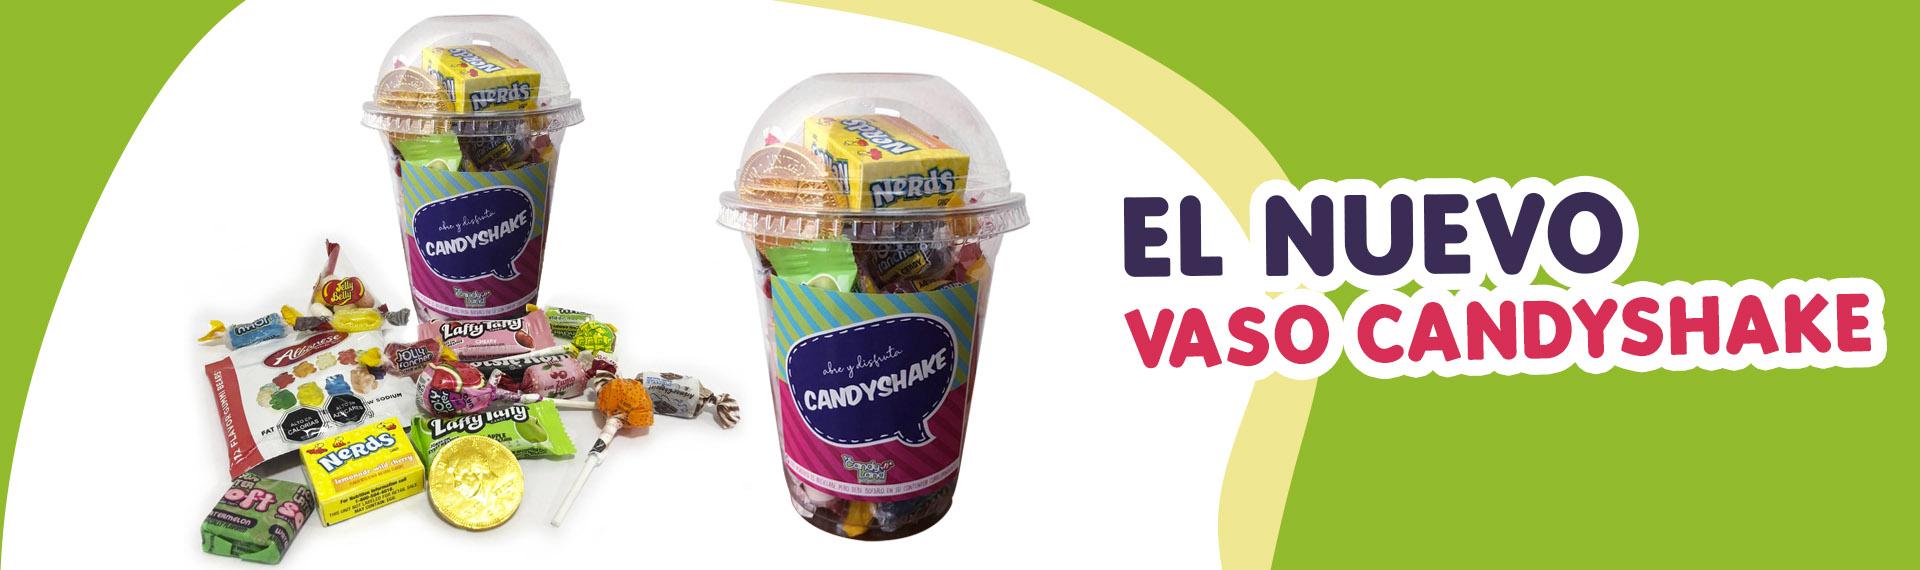 banner nuevo productos_VASO